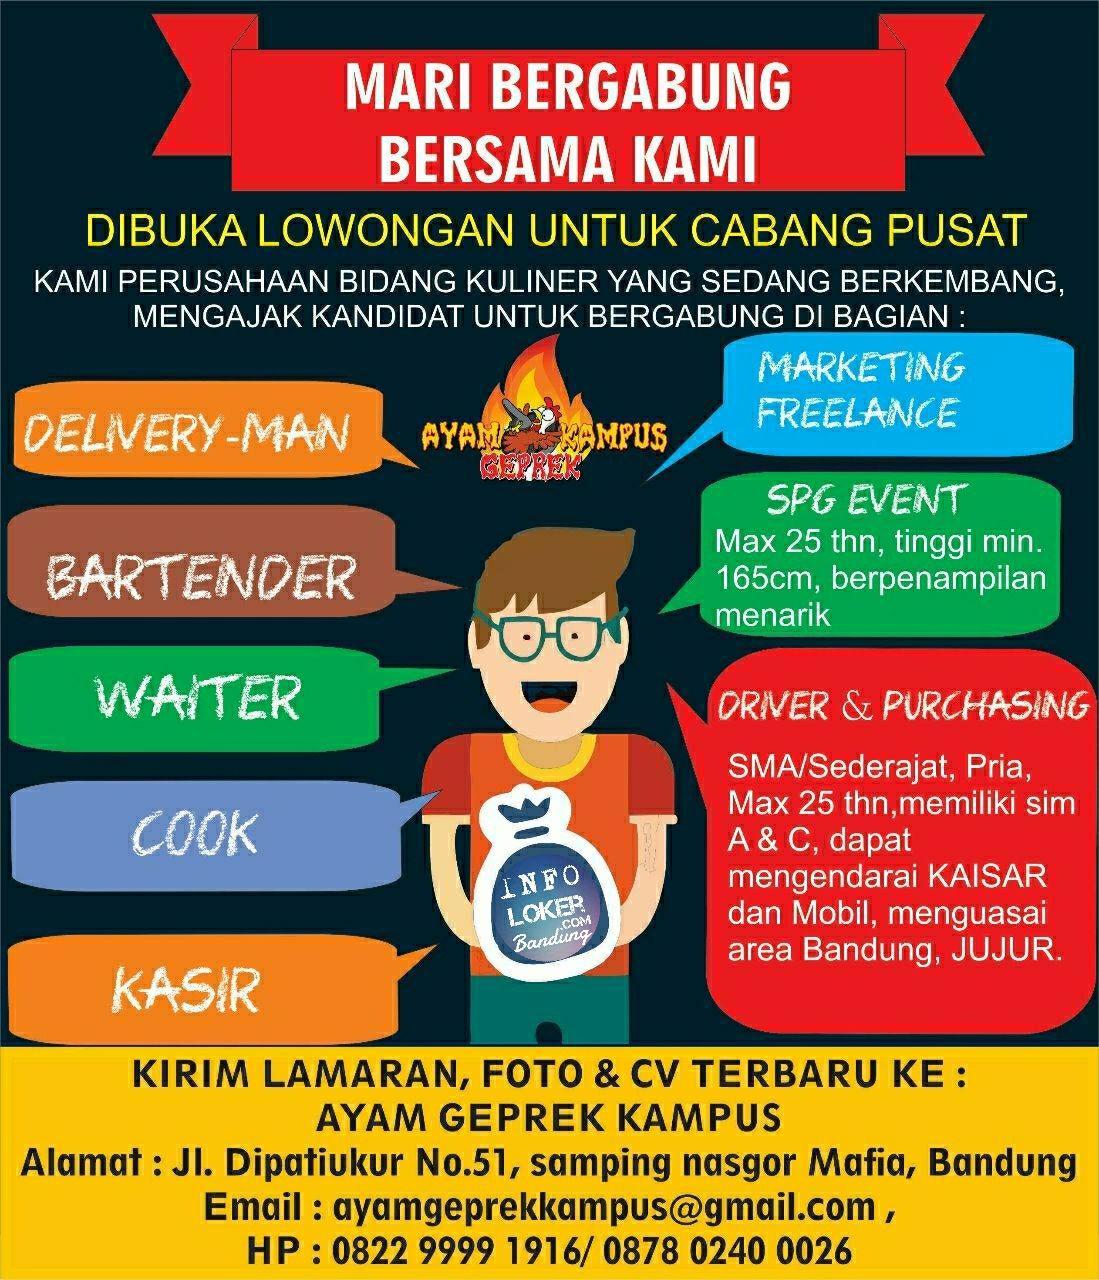 Lowongan Kerja Ayam Geprek Kampus Bandung April 2018